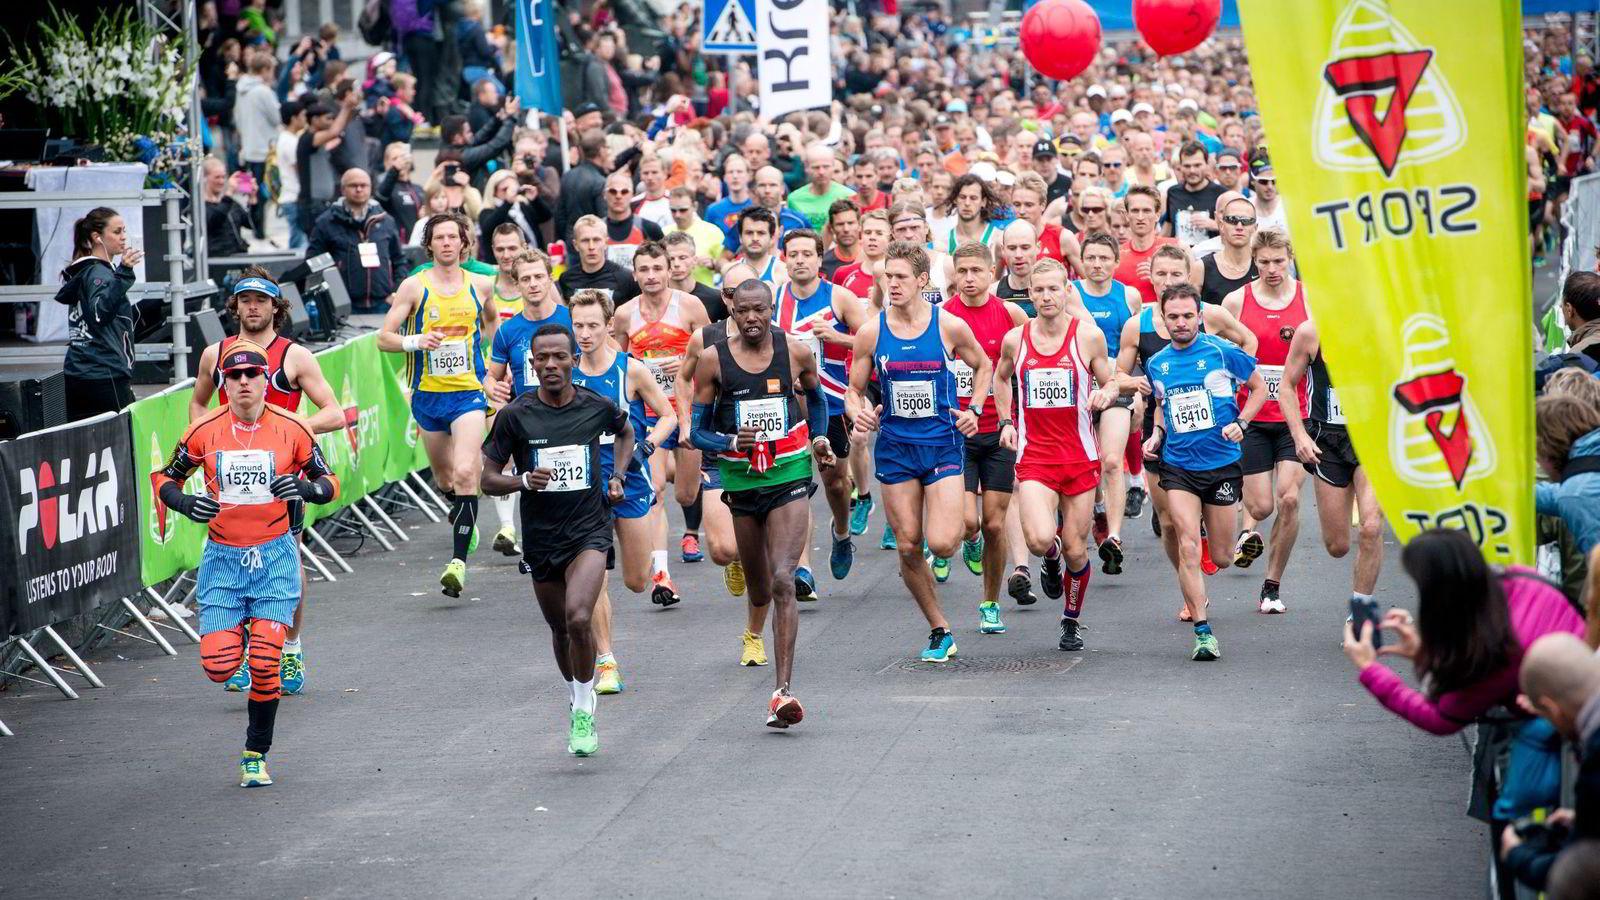 Oslo Maraton er blitt arrangert i Oslo sentrum i september hvert år siden 2004. Her er Taye Tirfea (med svarte klær og grønne joggesko) på vei mot seieren i 2014. Etiopieren vant også ifjor. 